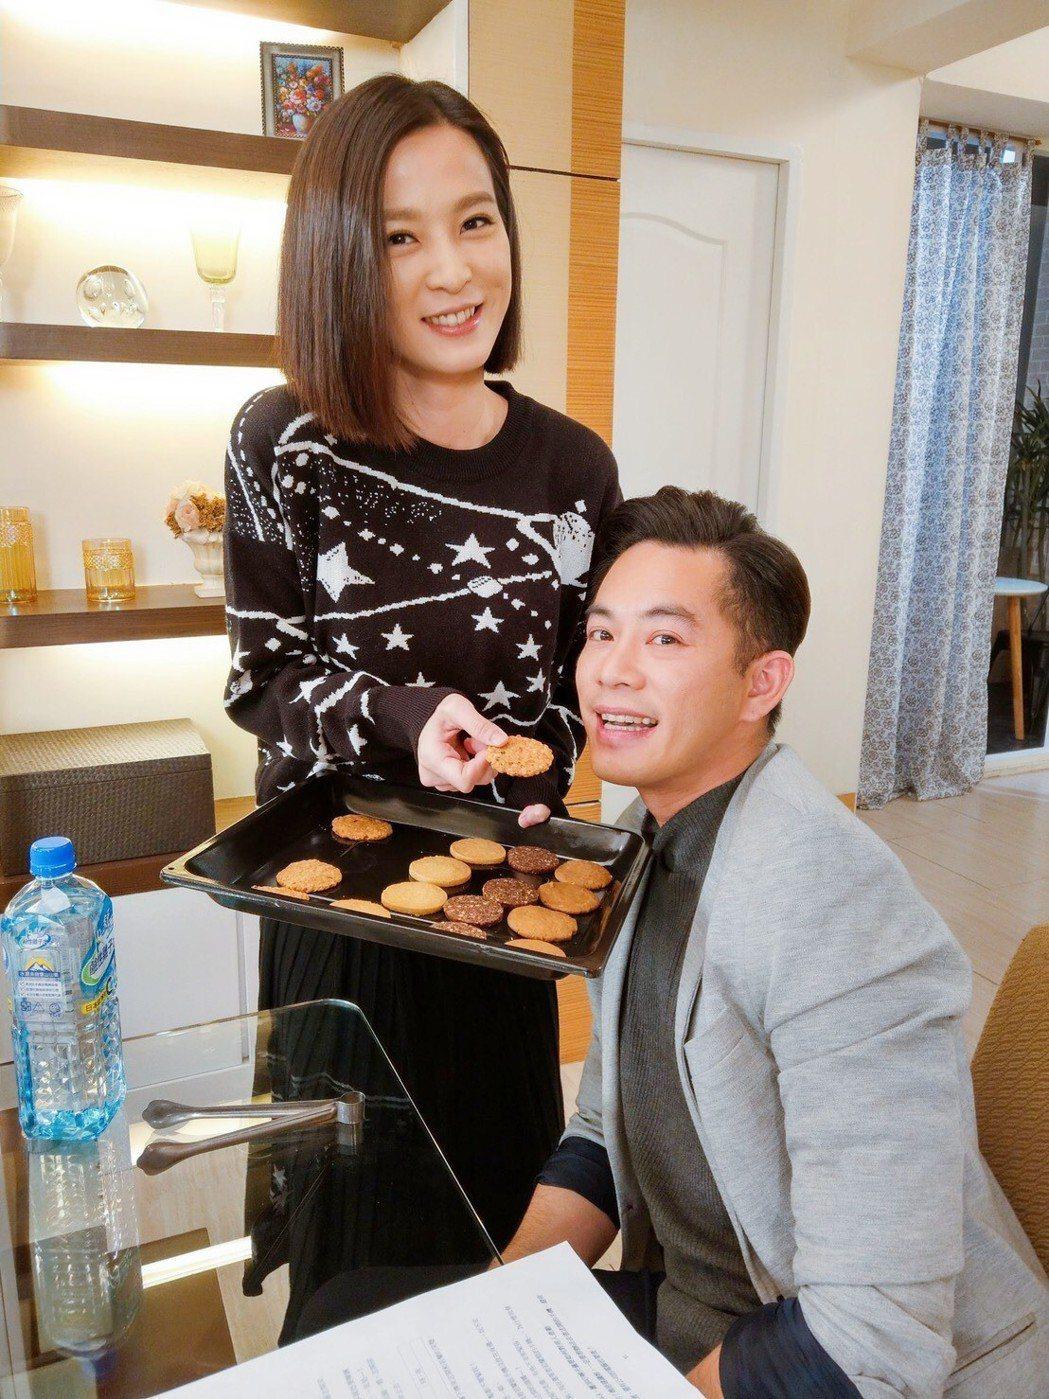 楚宣(左)溫柔起來也可人,還餵Junior品嚐餅乾。圖╱摘自臉書